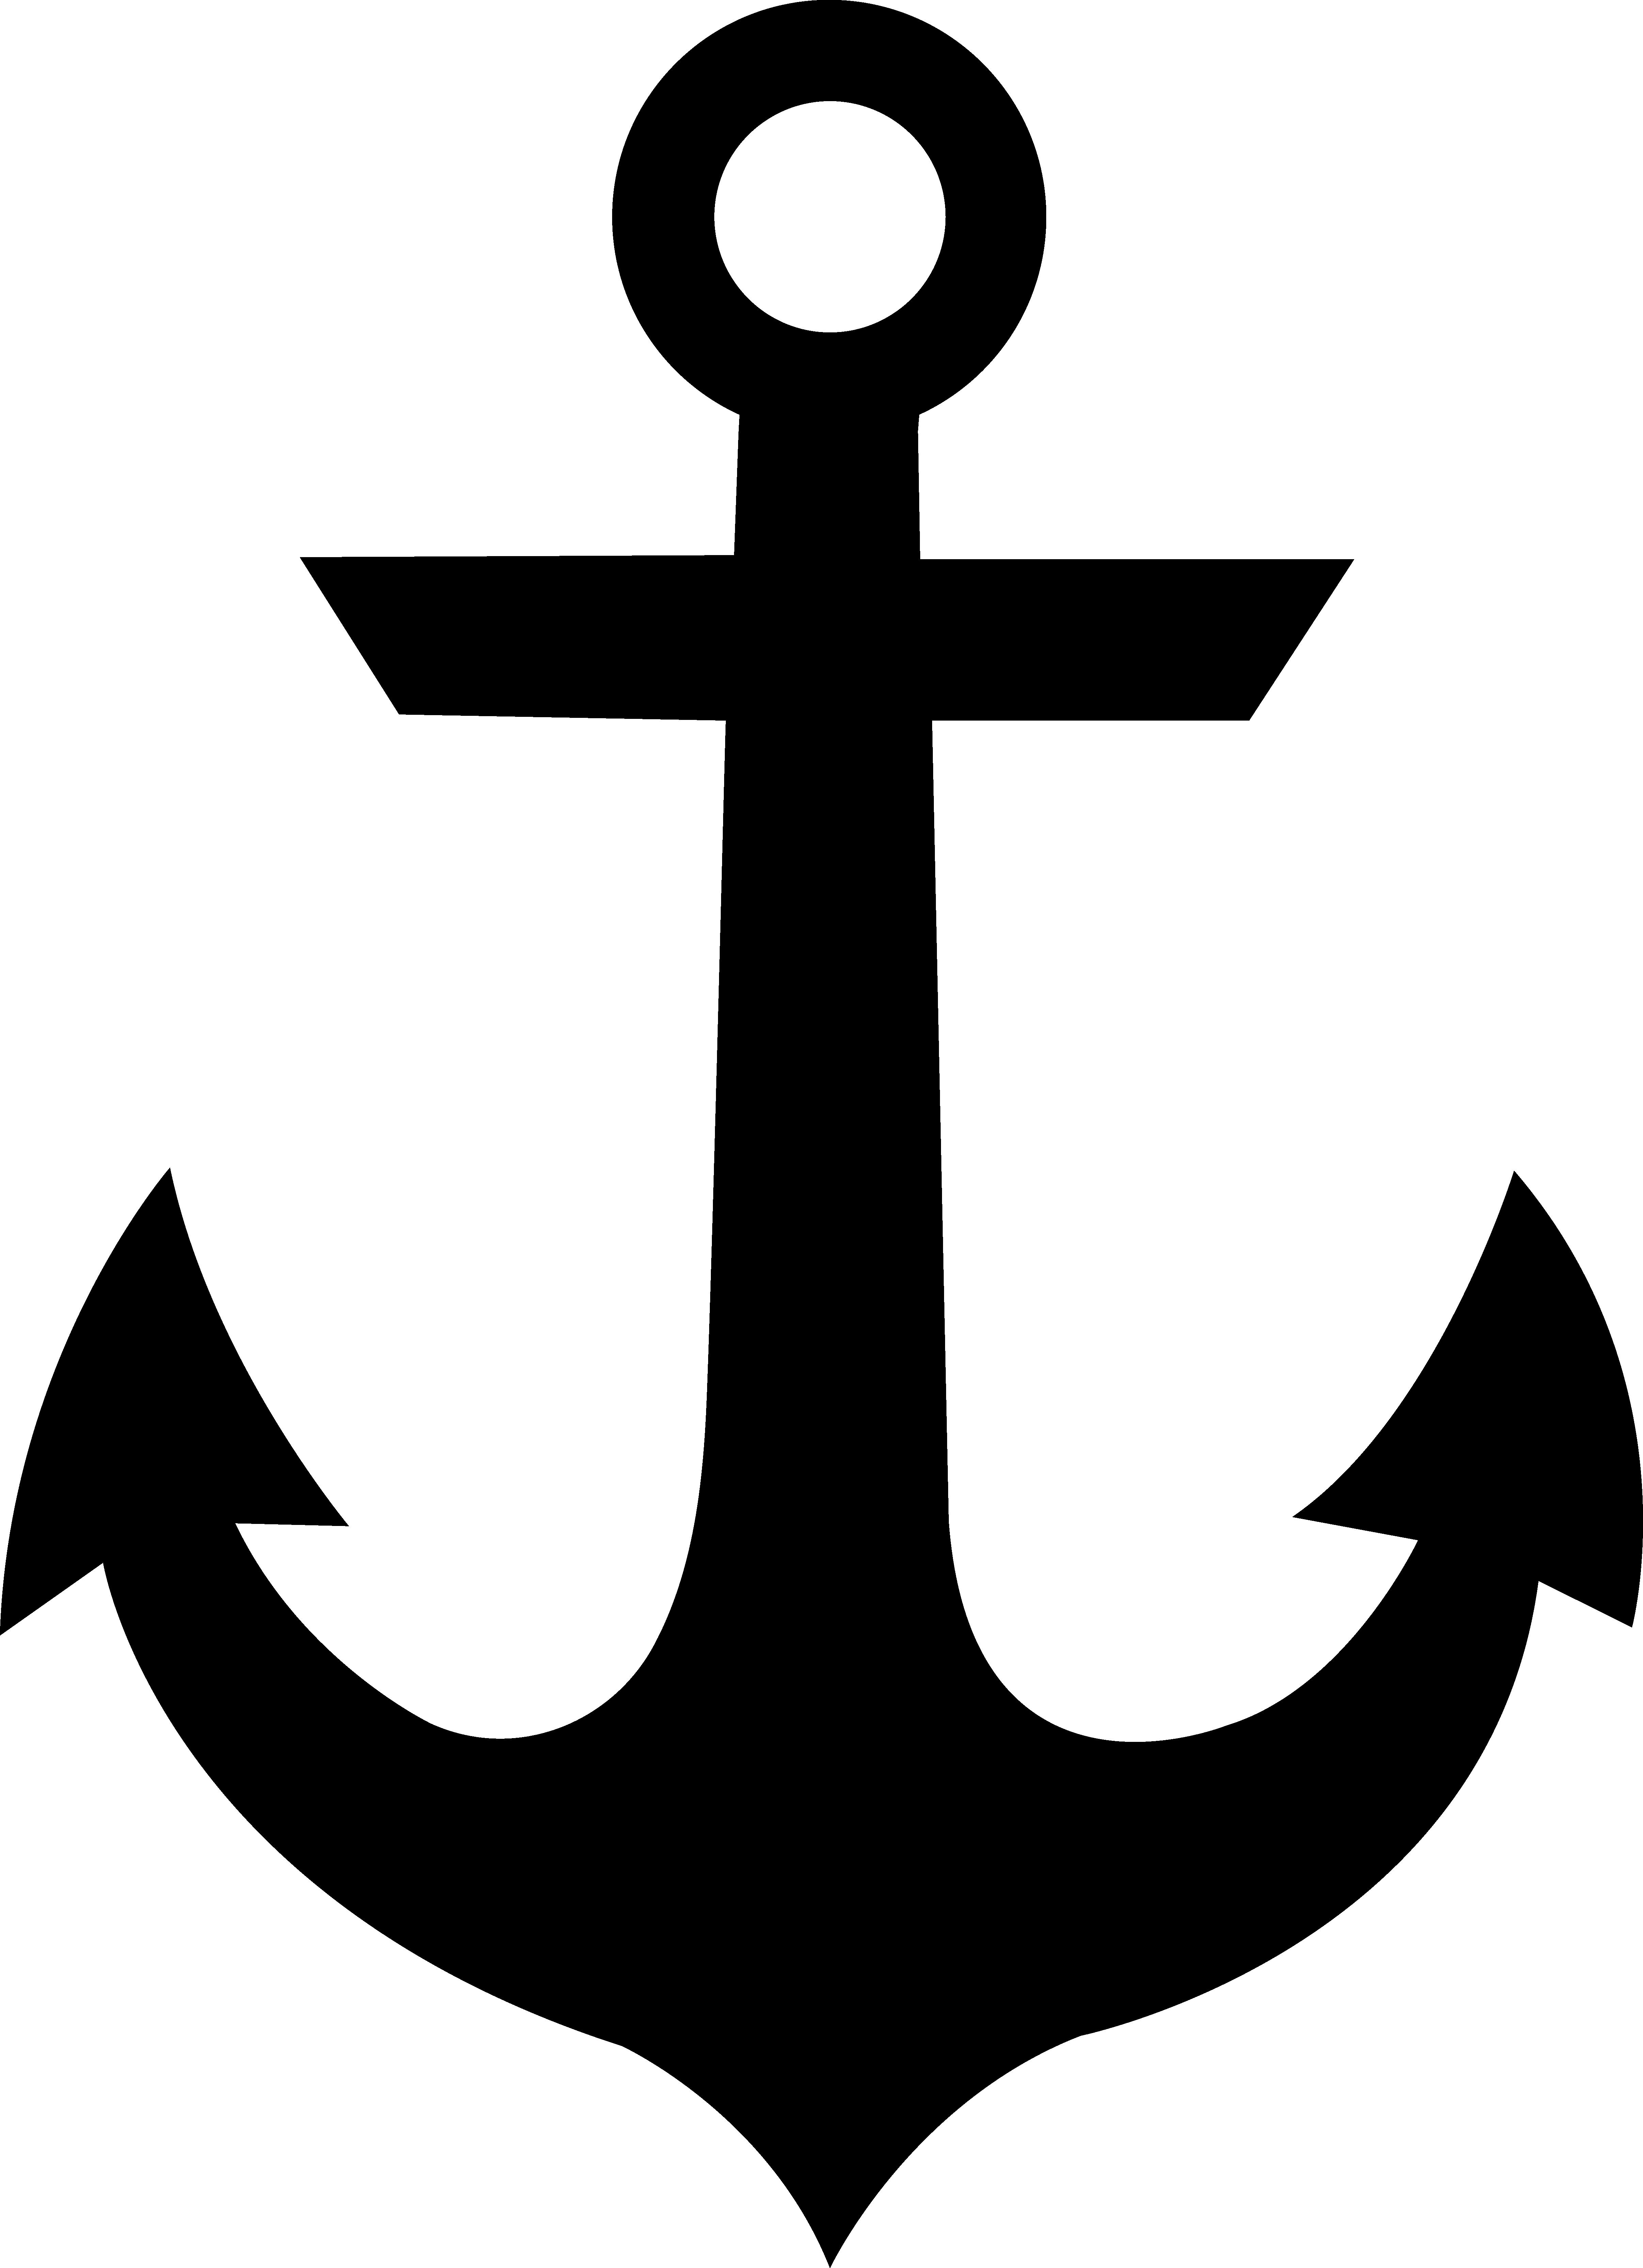 Gratis Utklipp Svart Anchor Silhouette Gratis Utklipp In 2020 Anchor Stencil Anchor Silhouette Free Clip Art